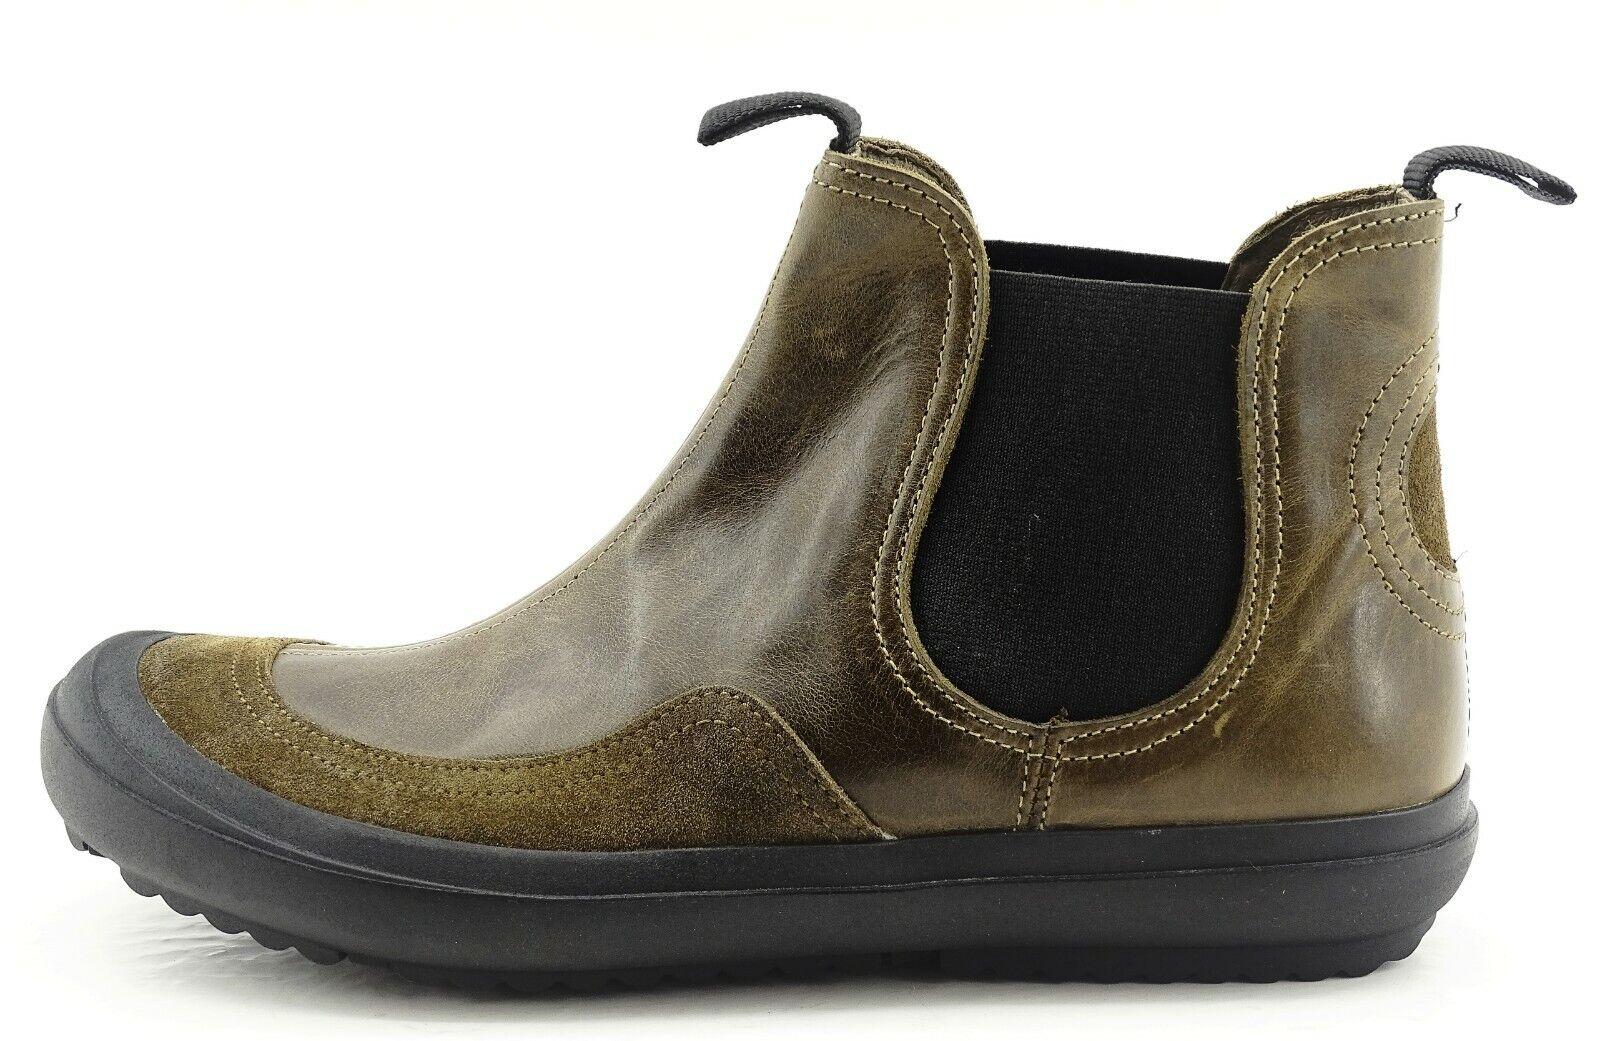 Fly London Damen Schuhe Chelsea Stiefel Leder Gr 37 FLY LONDON